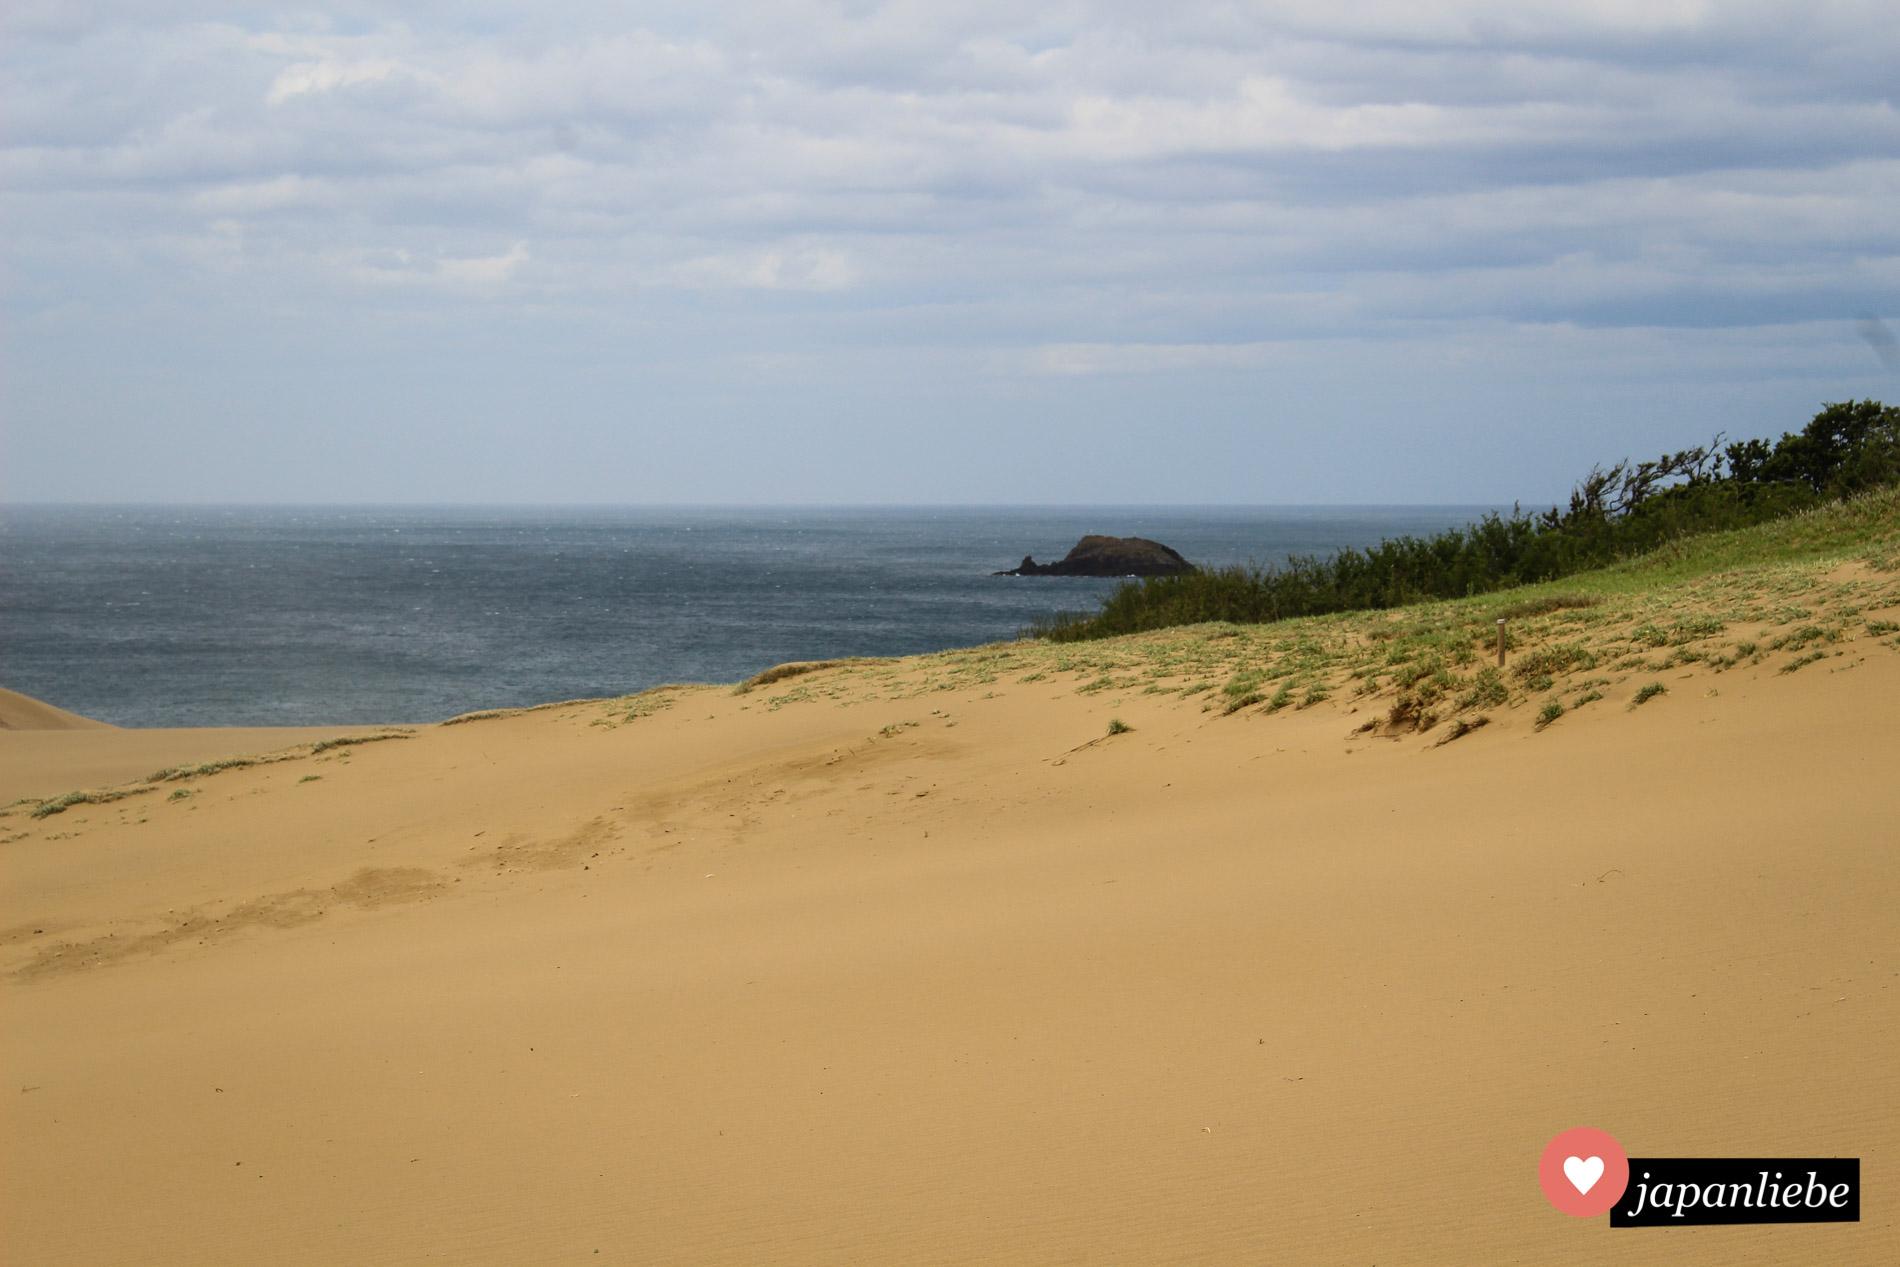 Die goldenen Sanddünen von Tottori heben sich gegen das Türkisblau des Japanischen Meeres ab.